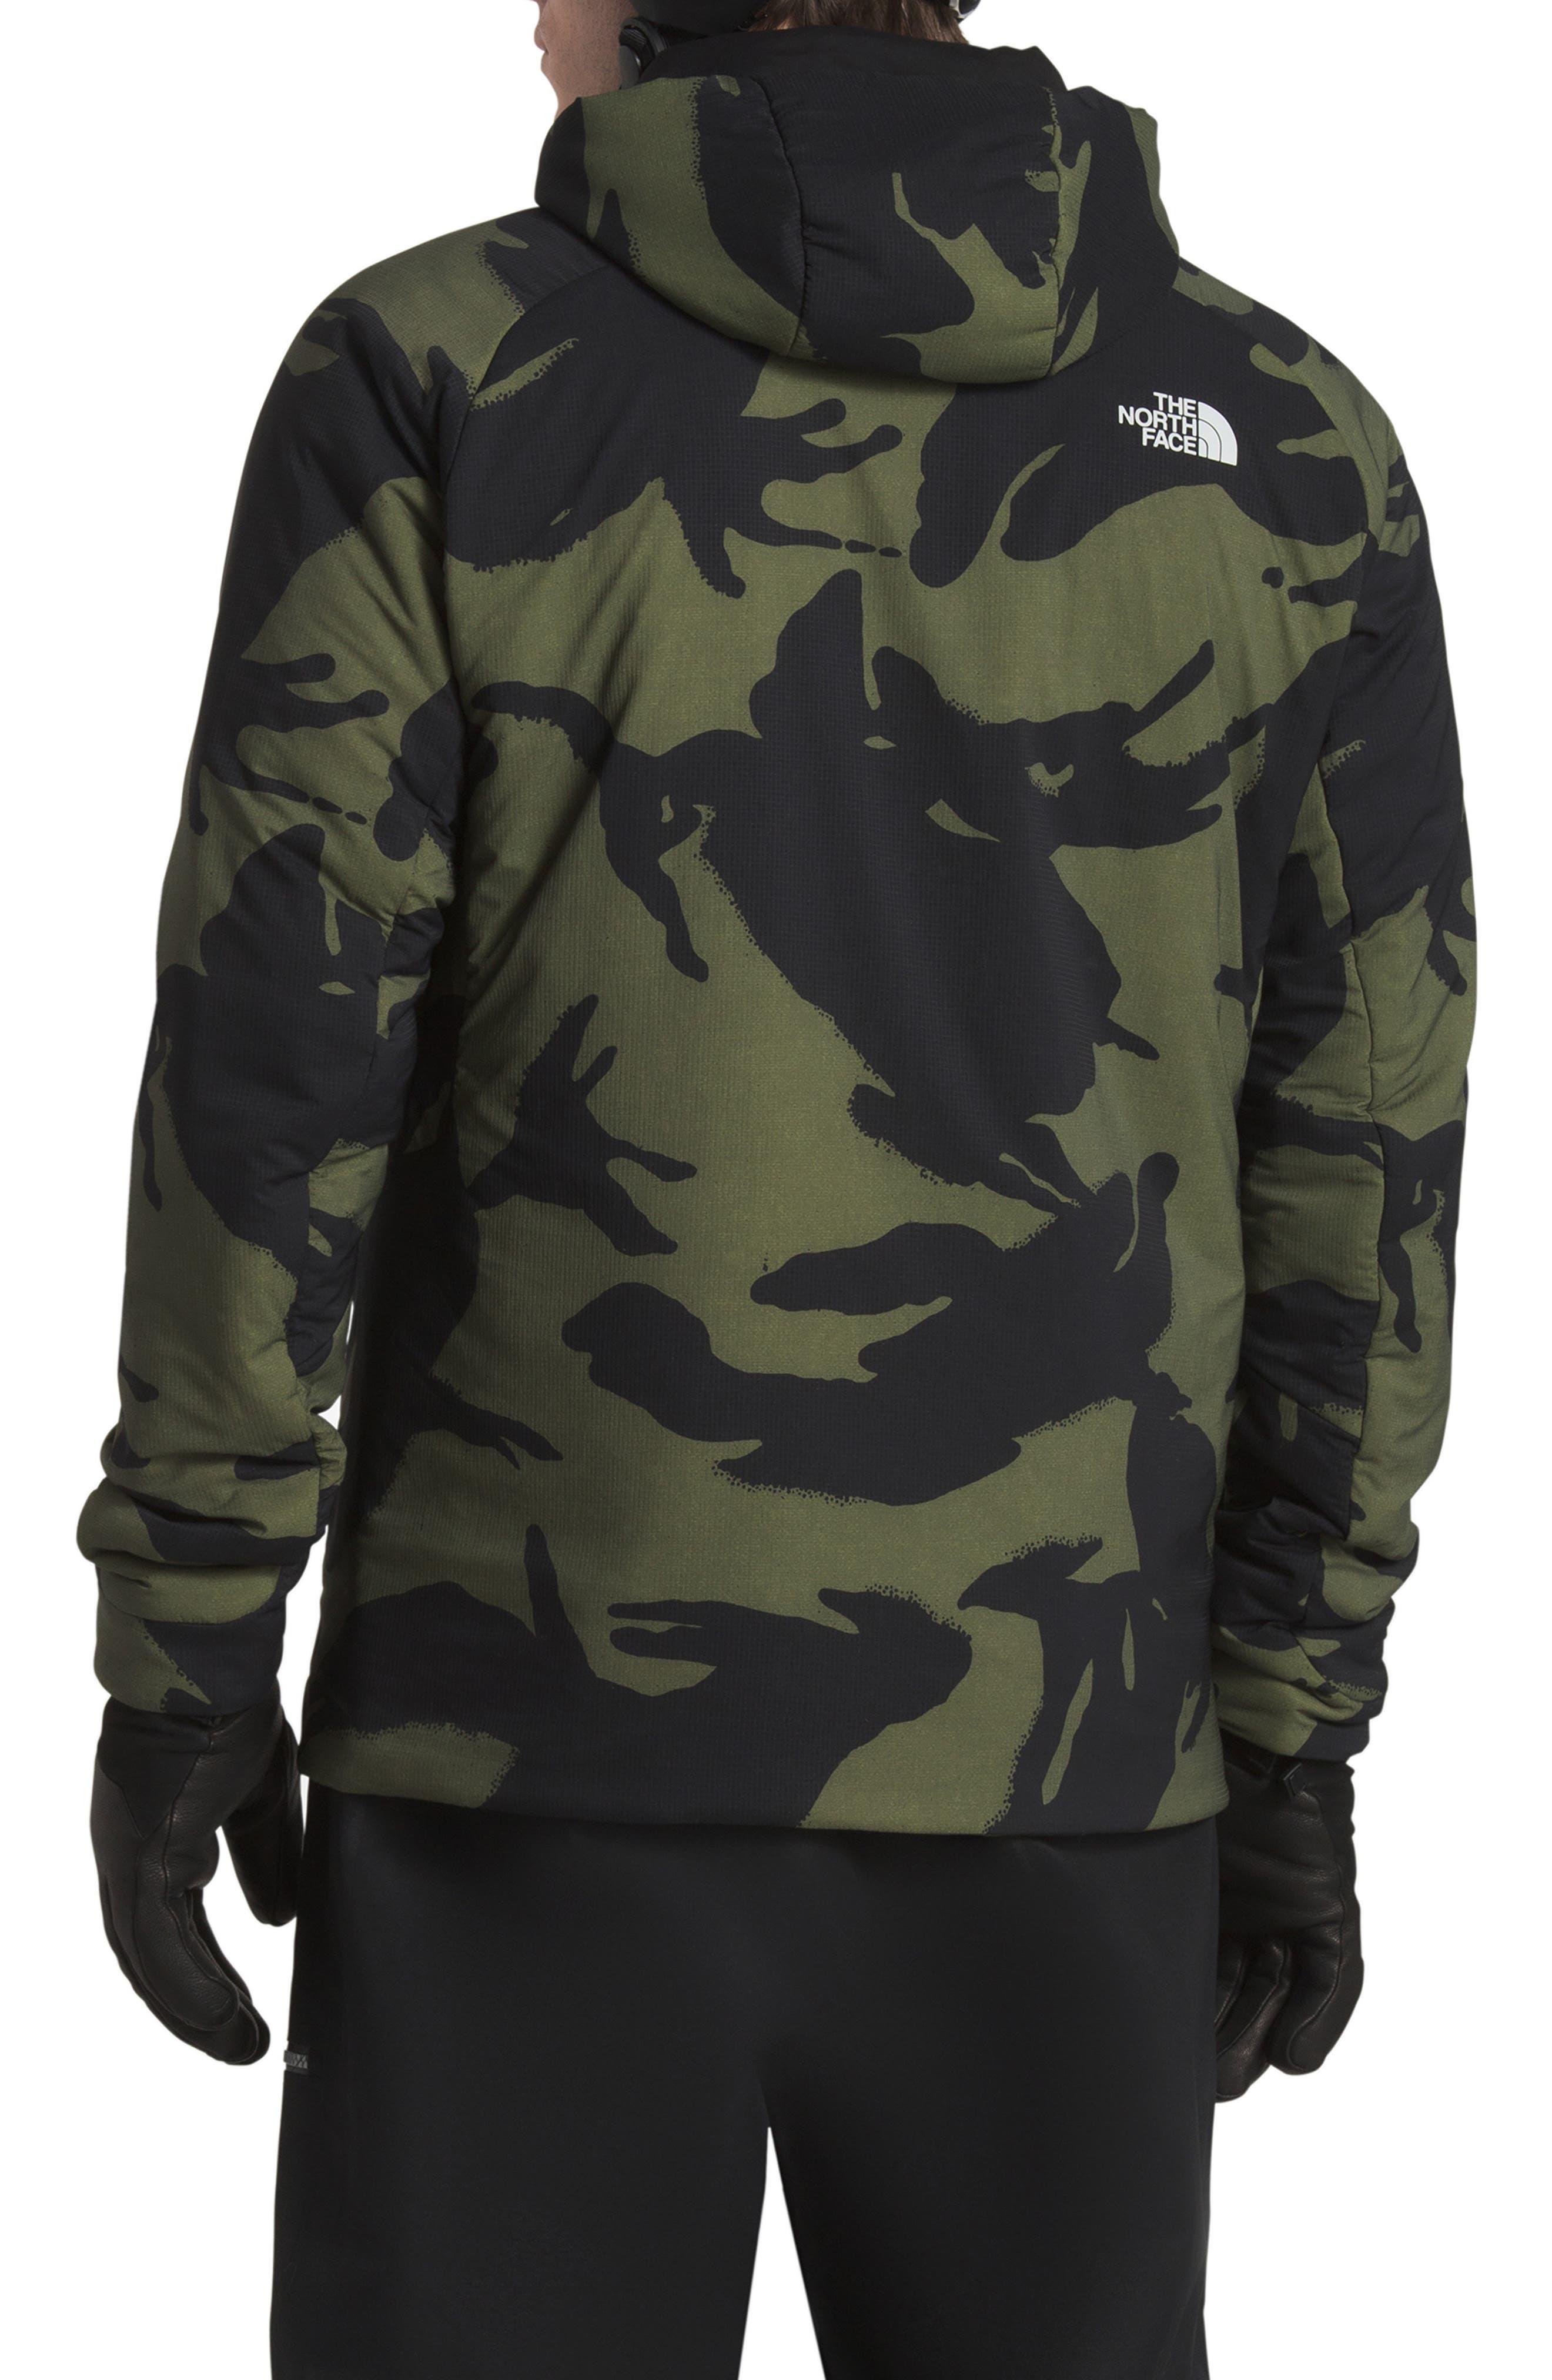 Lodgefather Ventrix<sup>™</sup> Ski Jacket,                             Alternate thumbnail 2, color,                             BURNT OLIVE GREEN DISRUPT